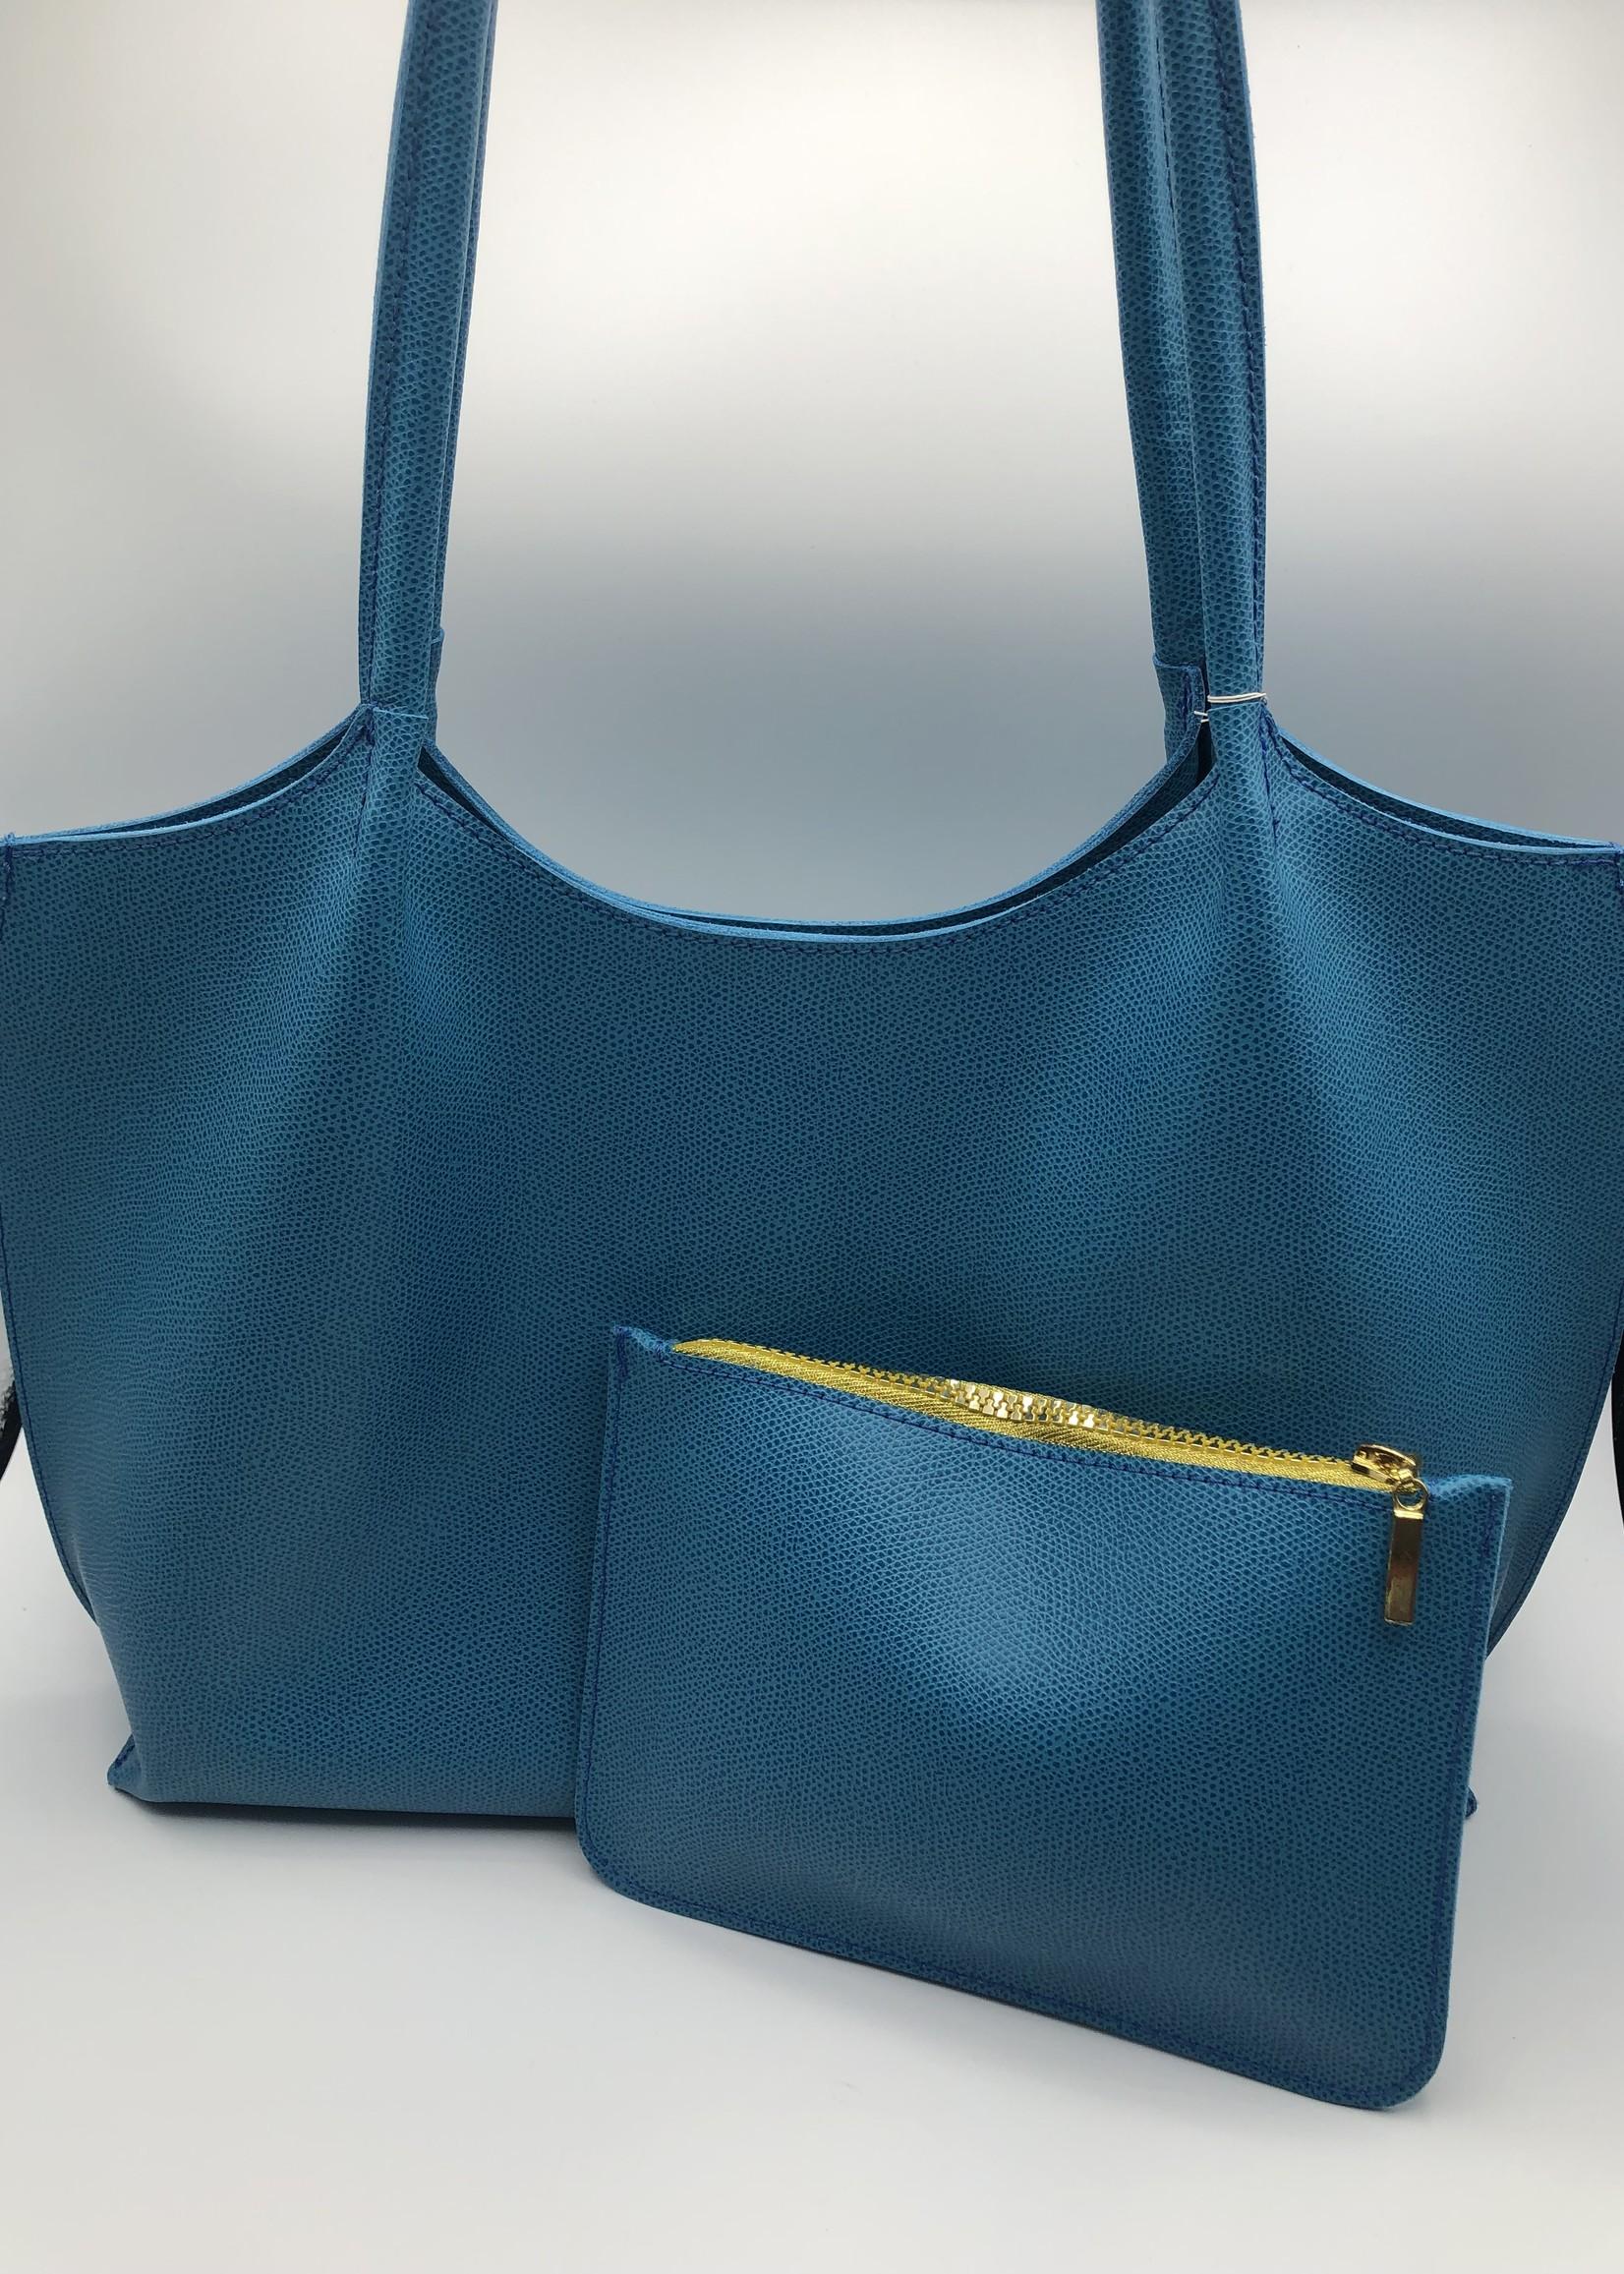 BogaBag Turquoise Tote Bag with Separate Inside Pocket